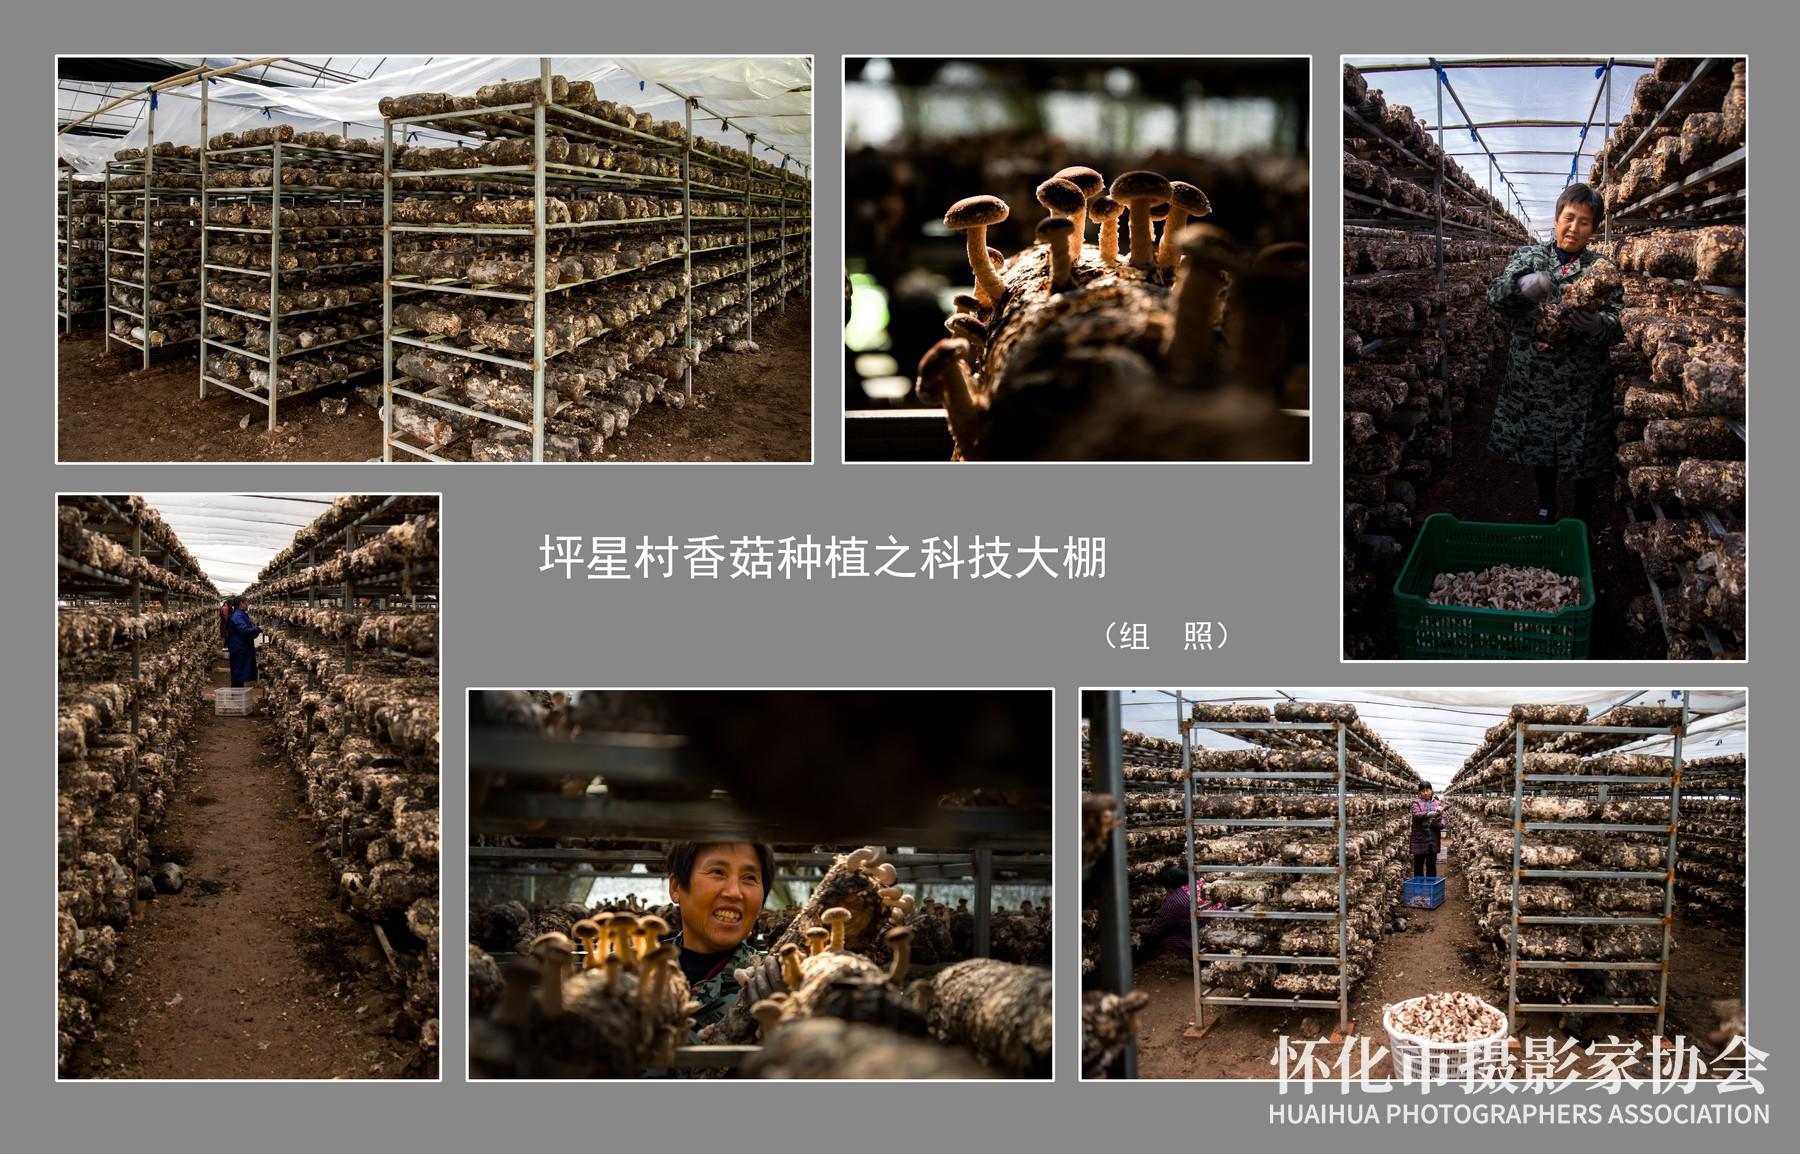 《坪星村香菇种植之科技大棚》周惠瑛